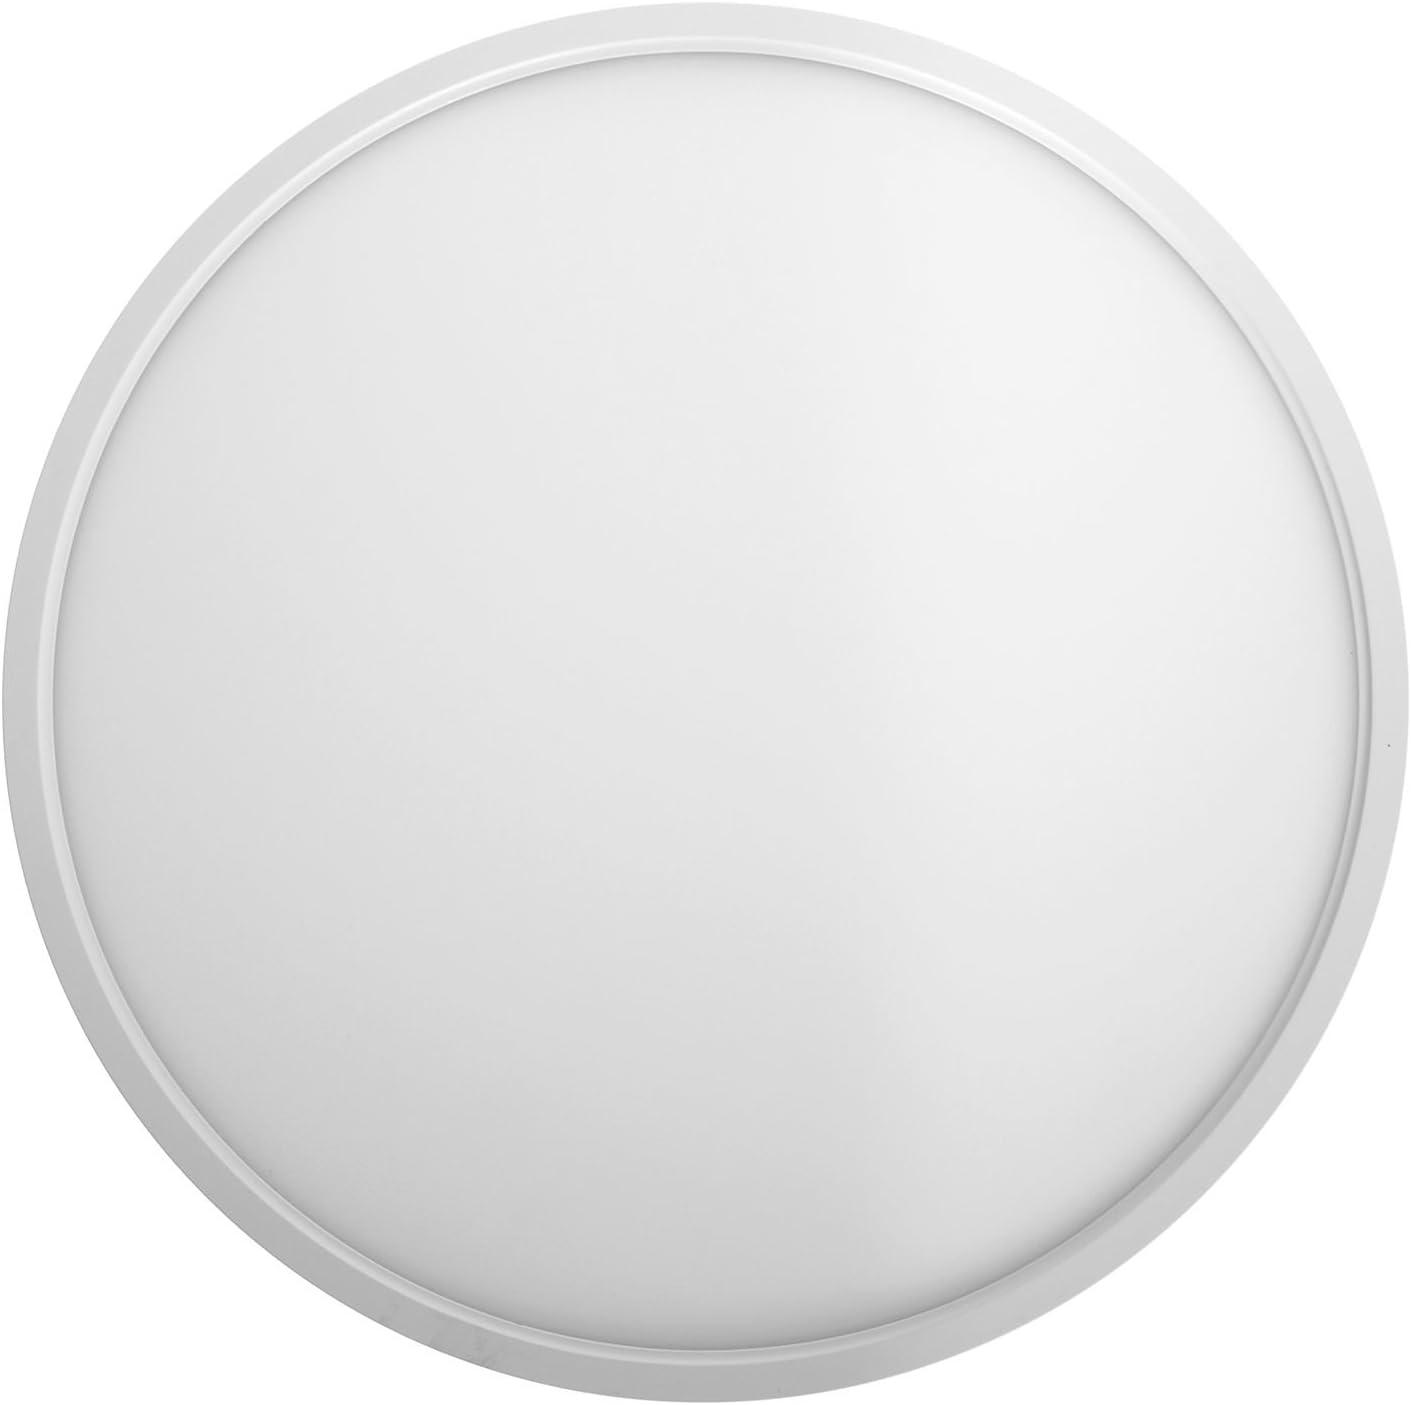 Lámpara de techo Taloya Moon 36W, de plástico, color blanco, luz blanca diurna